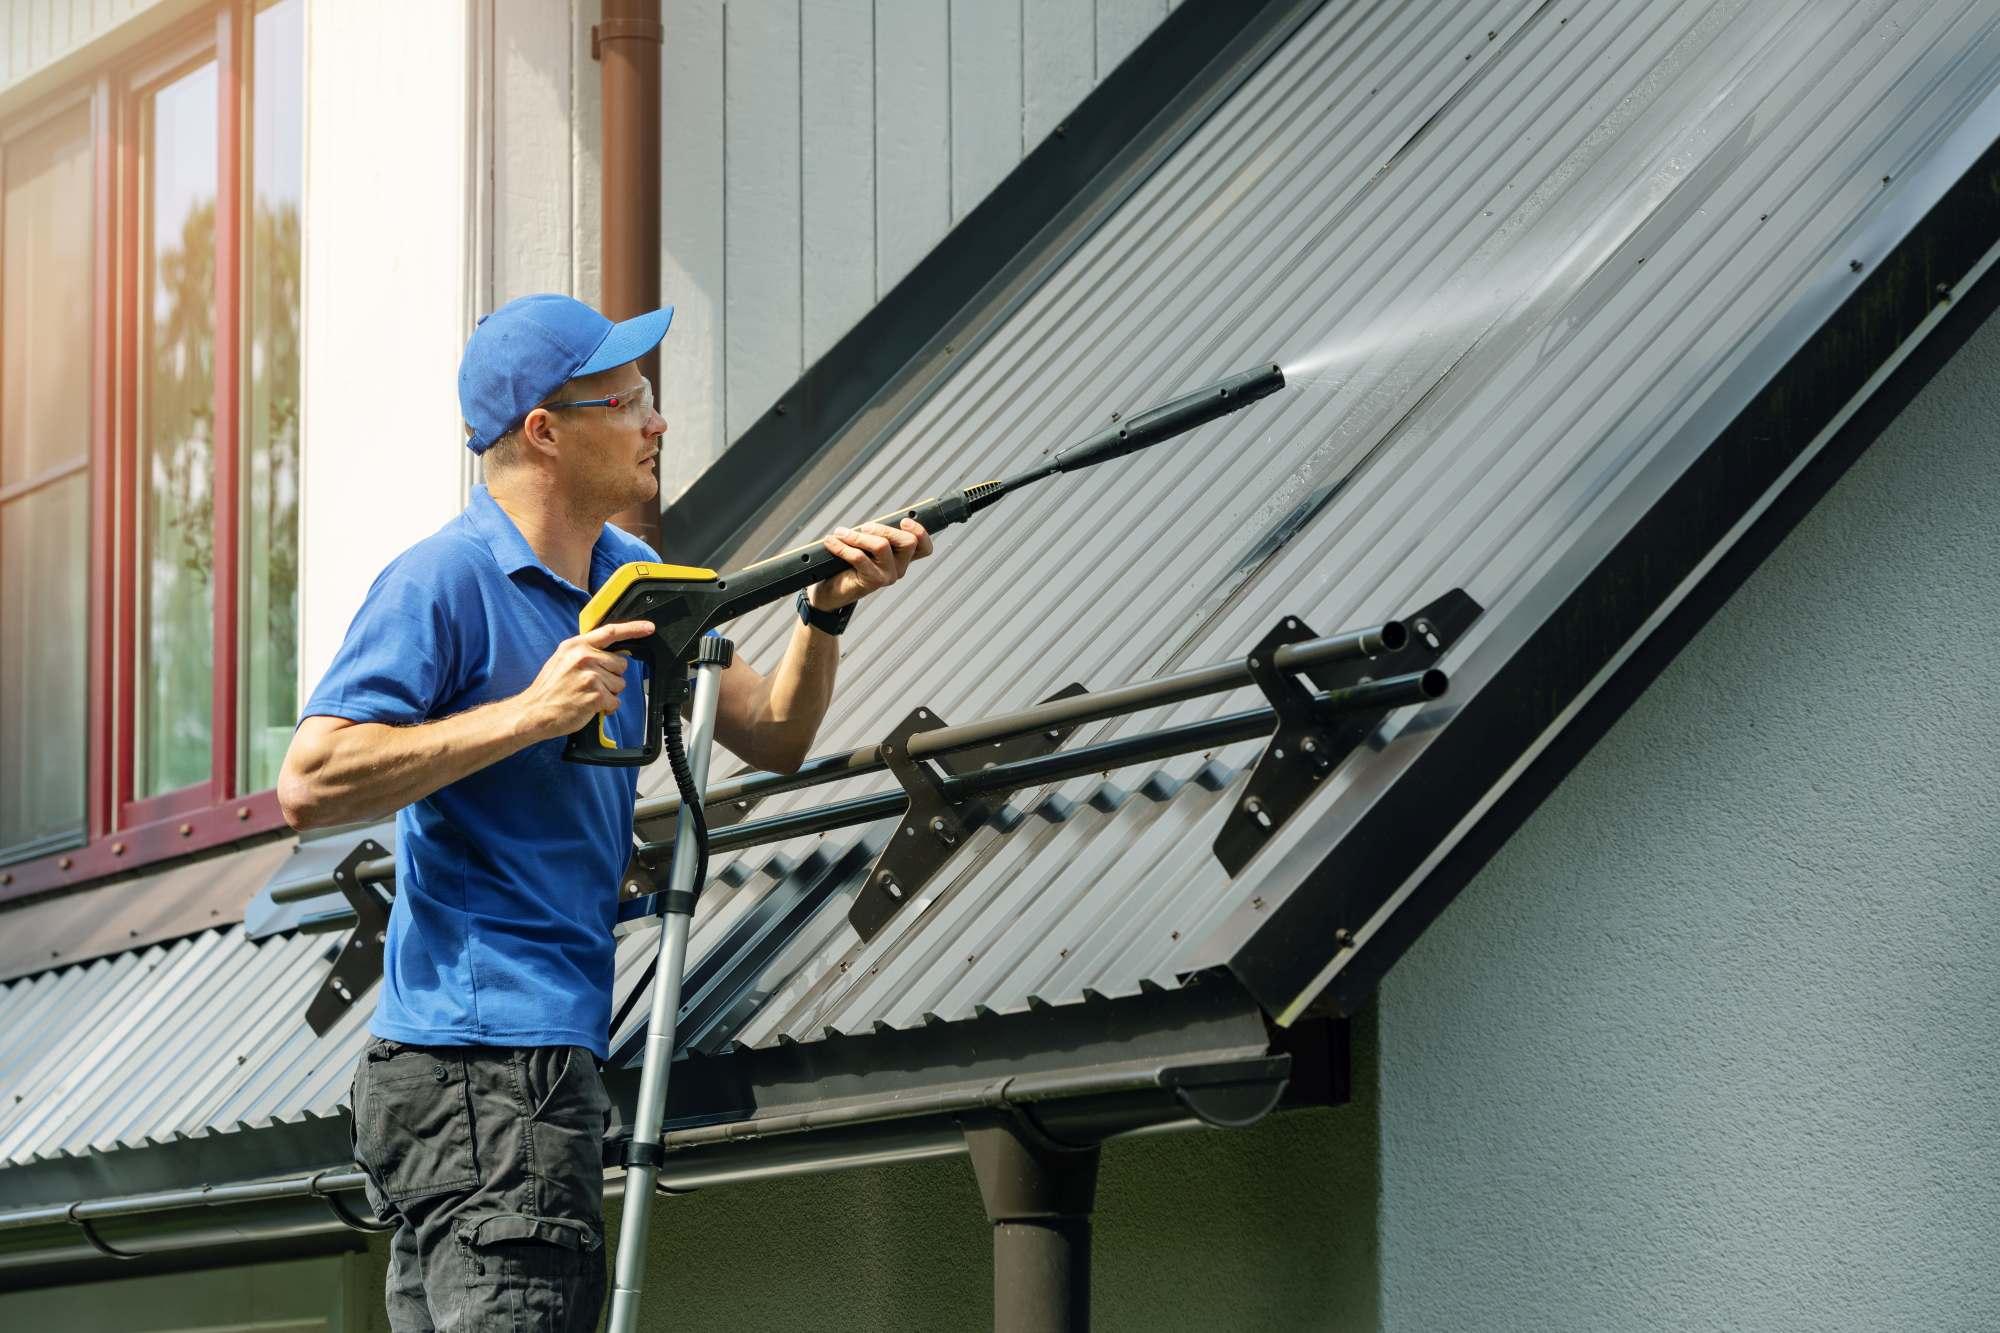 Man Spraying Roof